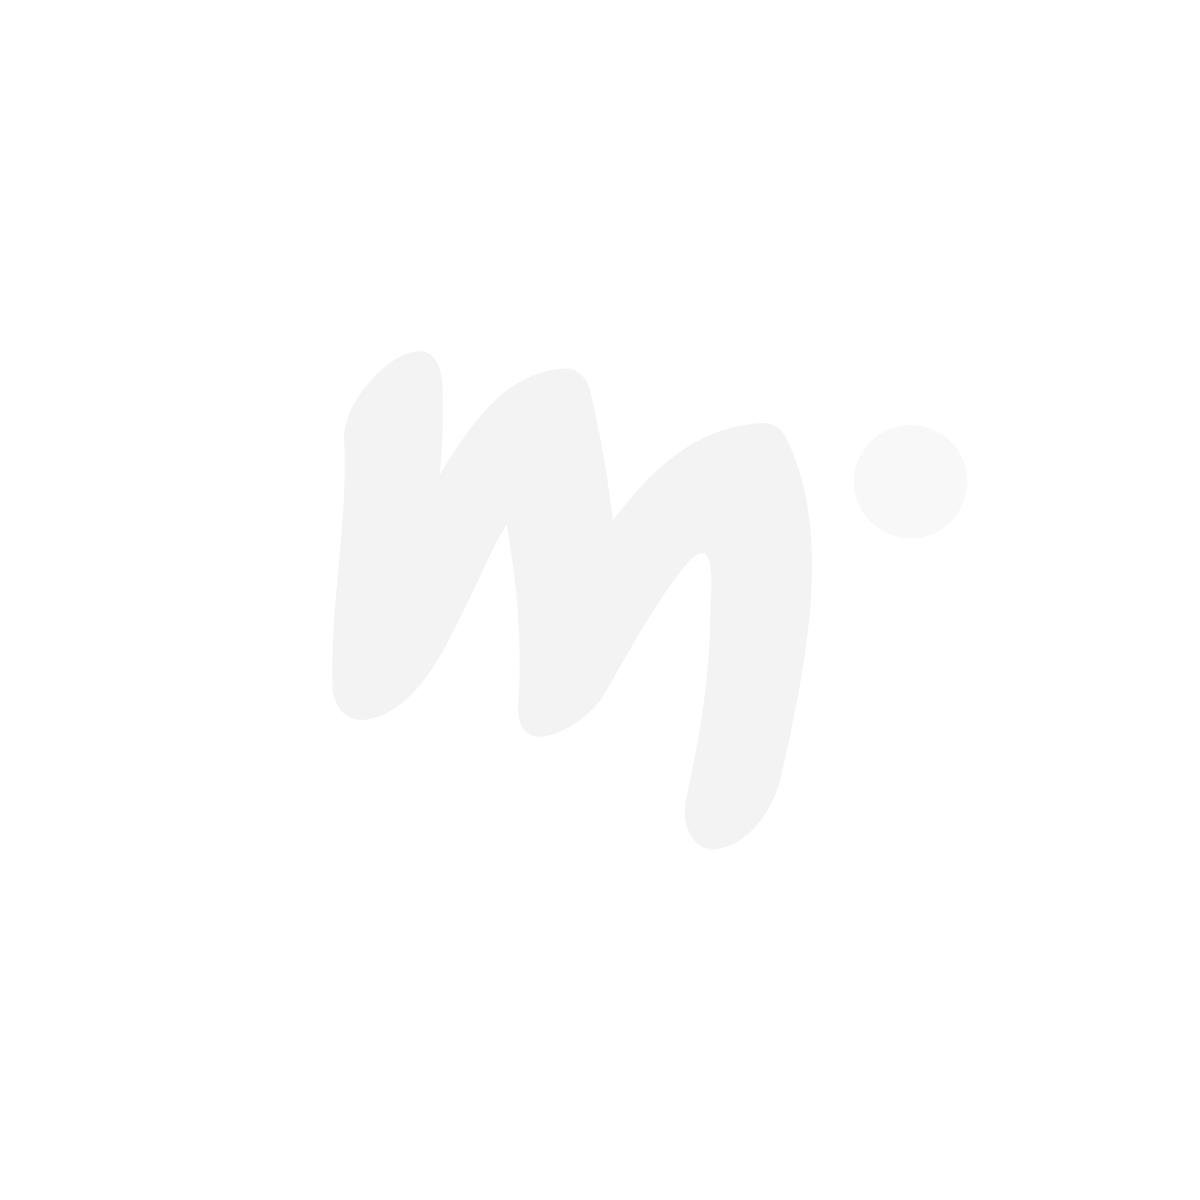 Peppi Pitkätossu Huvikummussa-mekko vauvalle oranssi